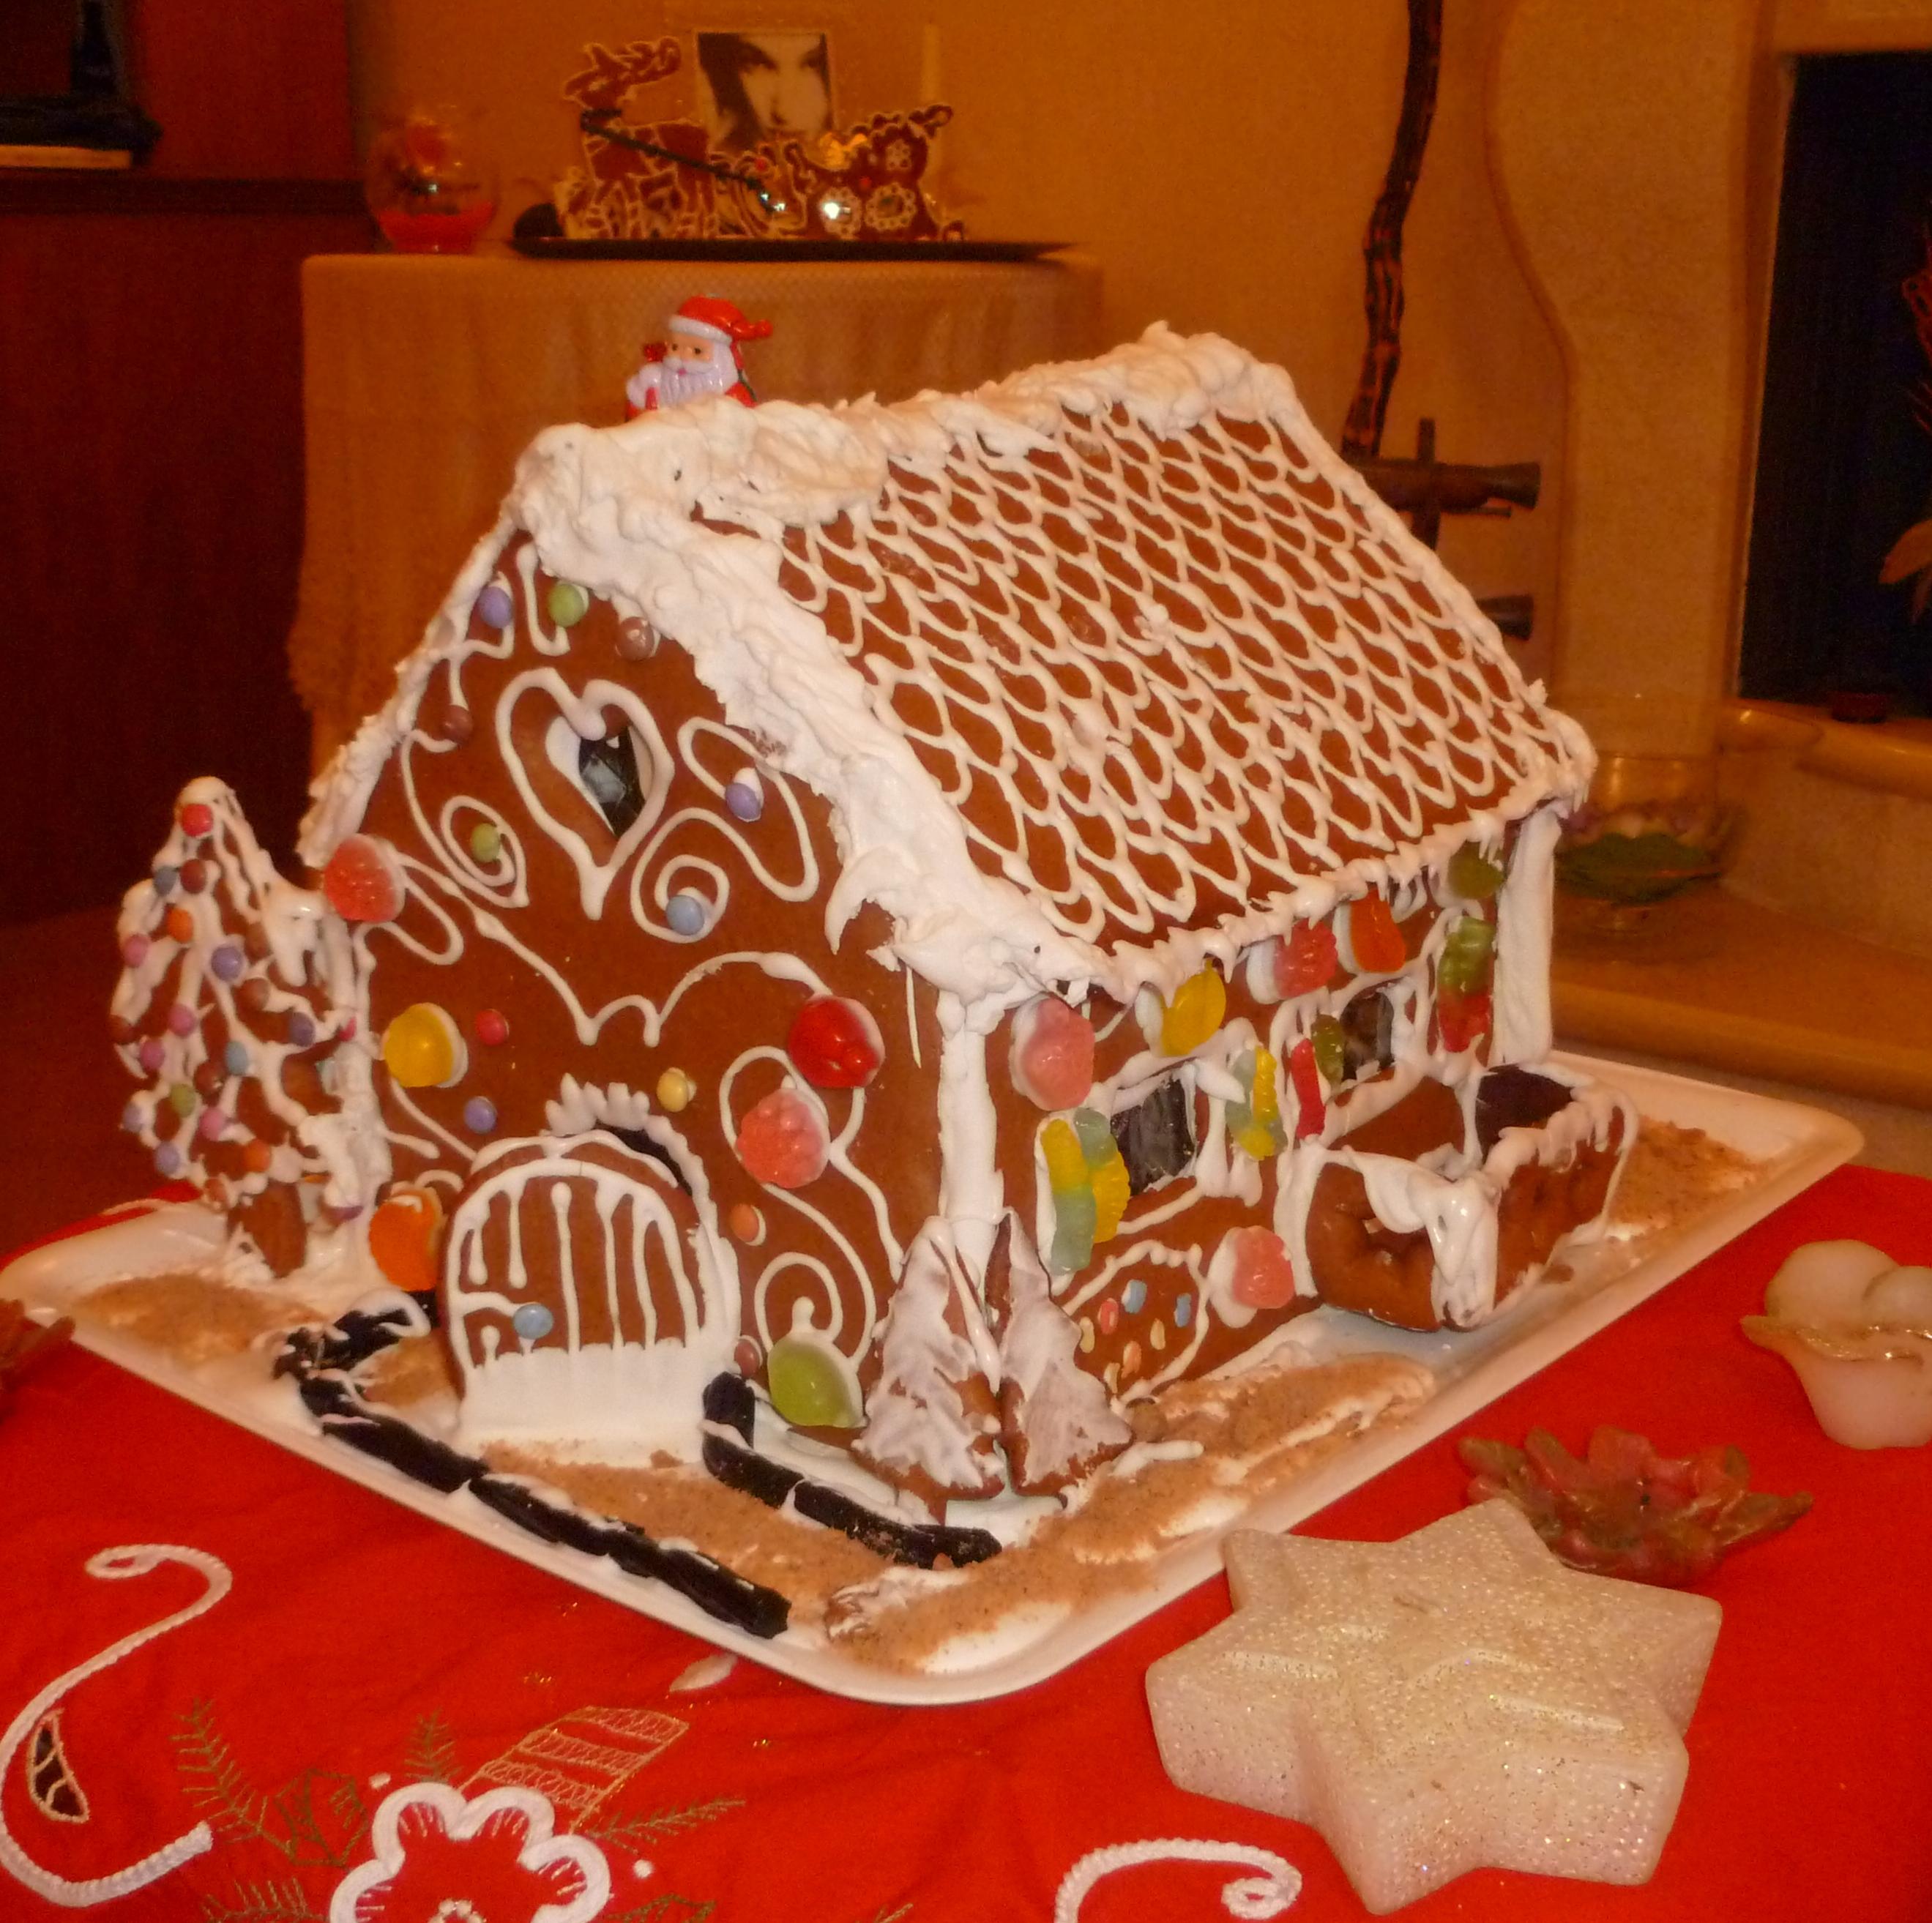 Cake Design Ricette Natale : casetta panpepato 13 - Cakemania, dolci e cake design